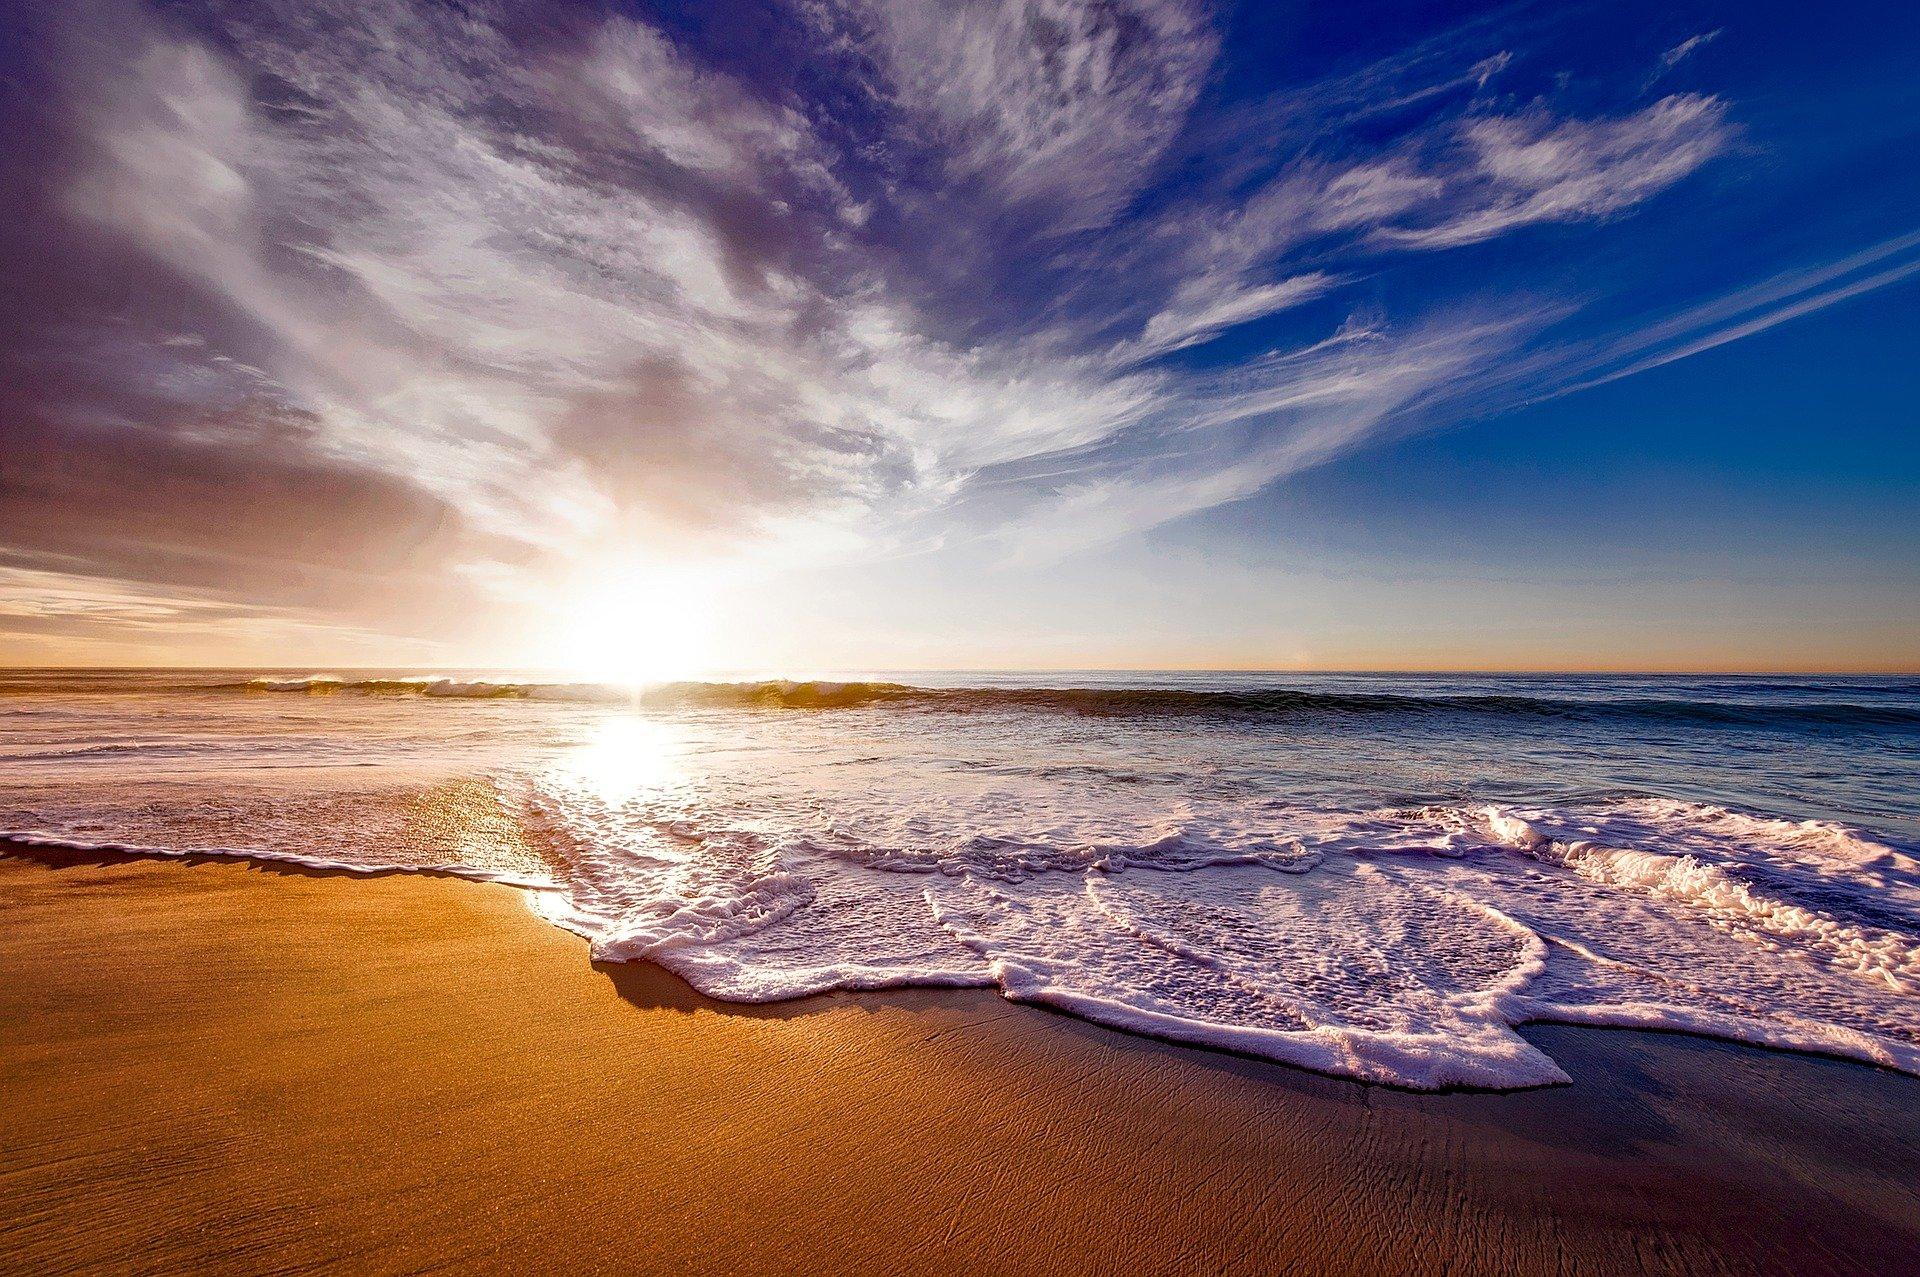 beach-1751455_1920.jpg